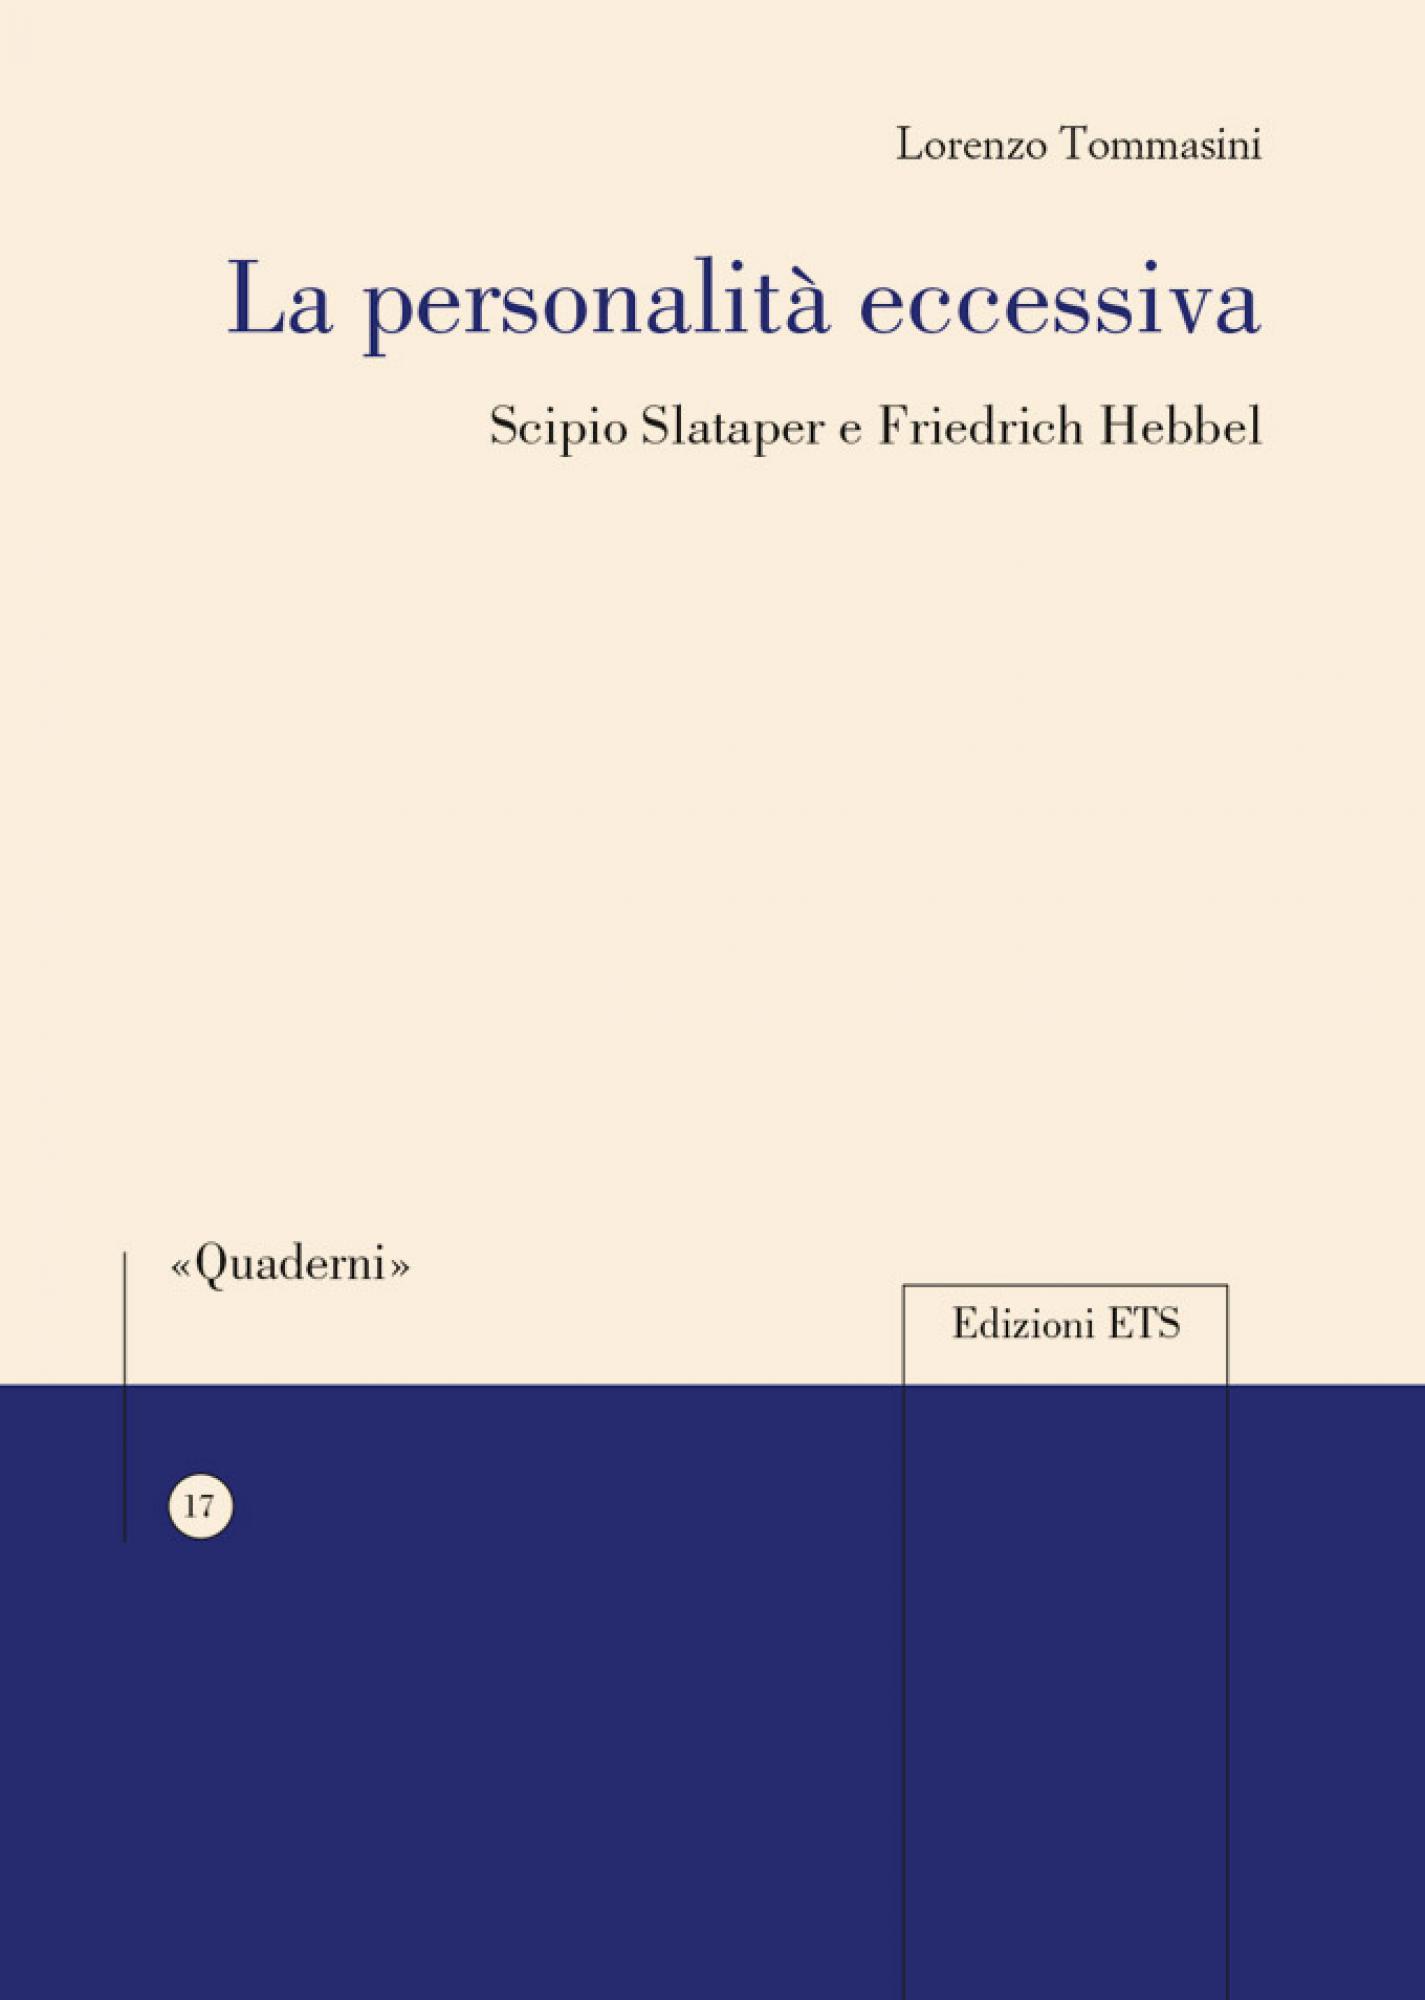 La personalità eccessiva.Scipio Slataper e Friedrich Hebbel